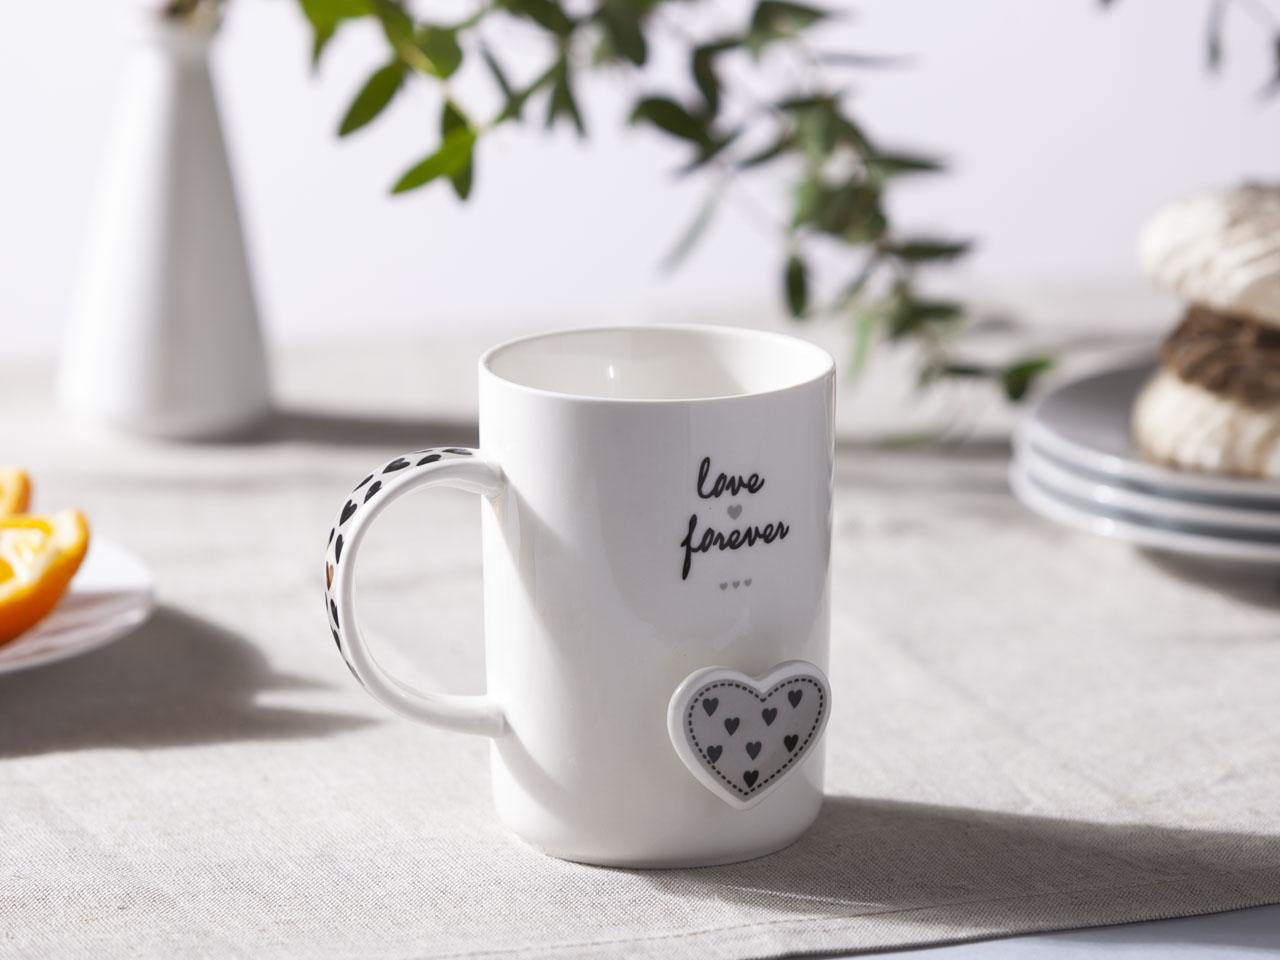 Kubek porcelanowy z łyżeczką Altom Design Forever Love dek. Szare Serce 360 ml (opakowanie prezentowe)